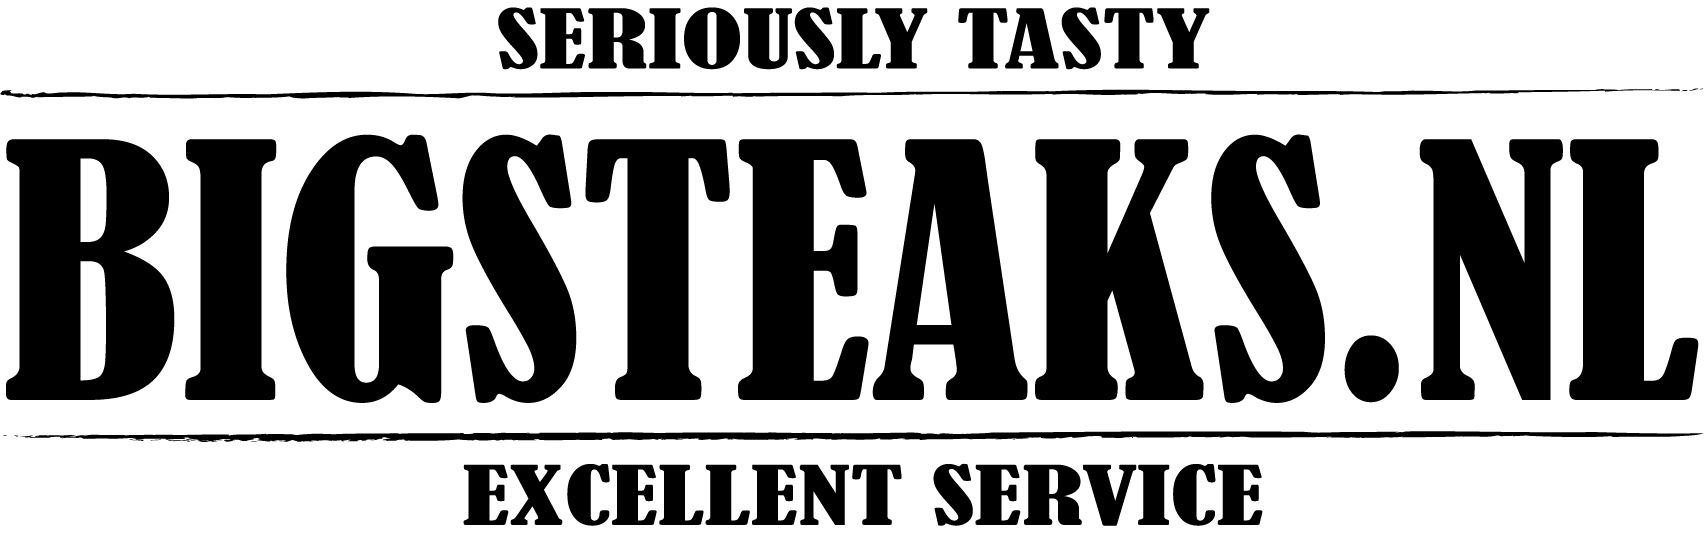 Online vlees bestellen voor particulieren -bigsteaks.nl